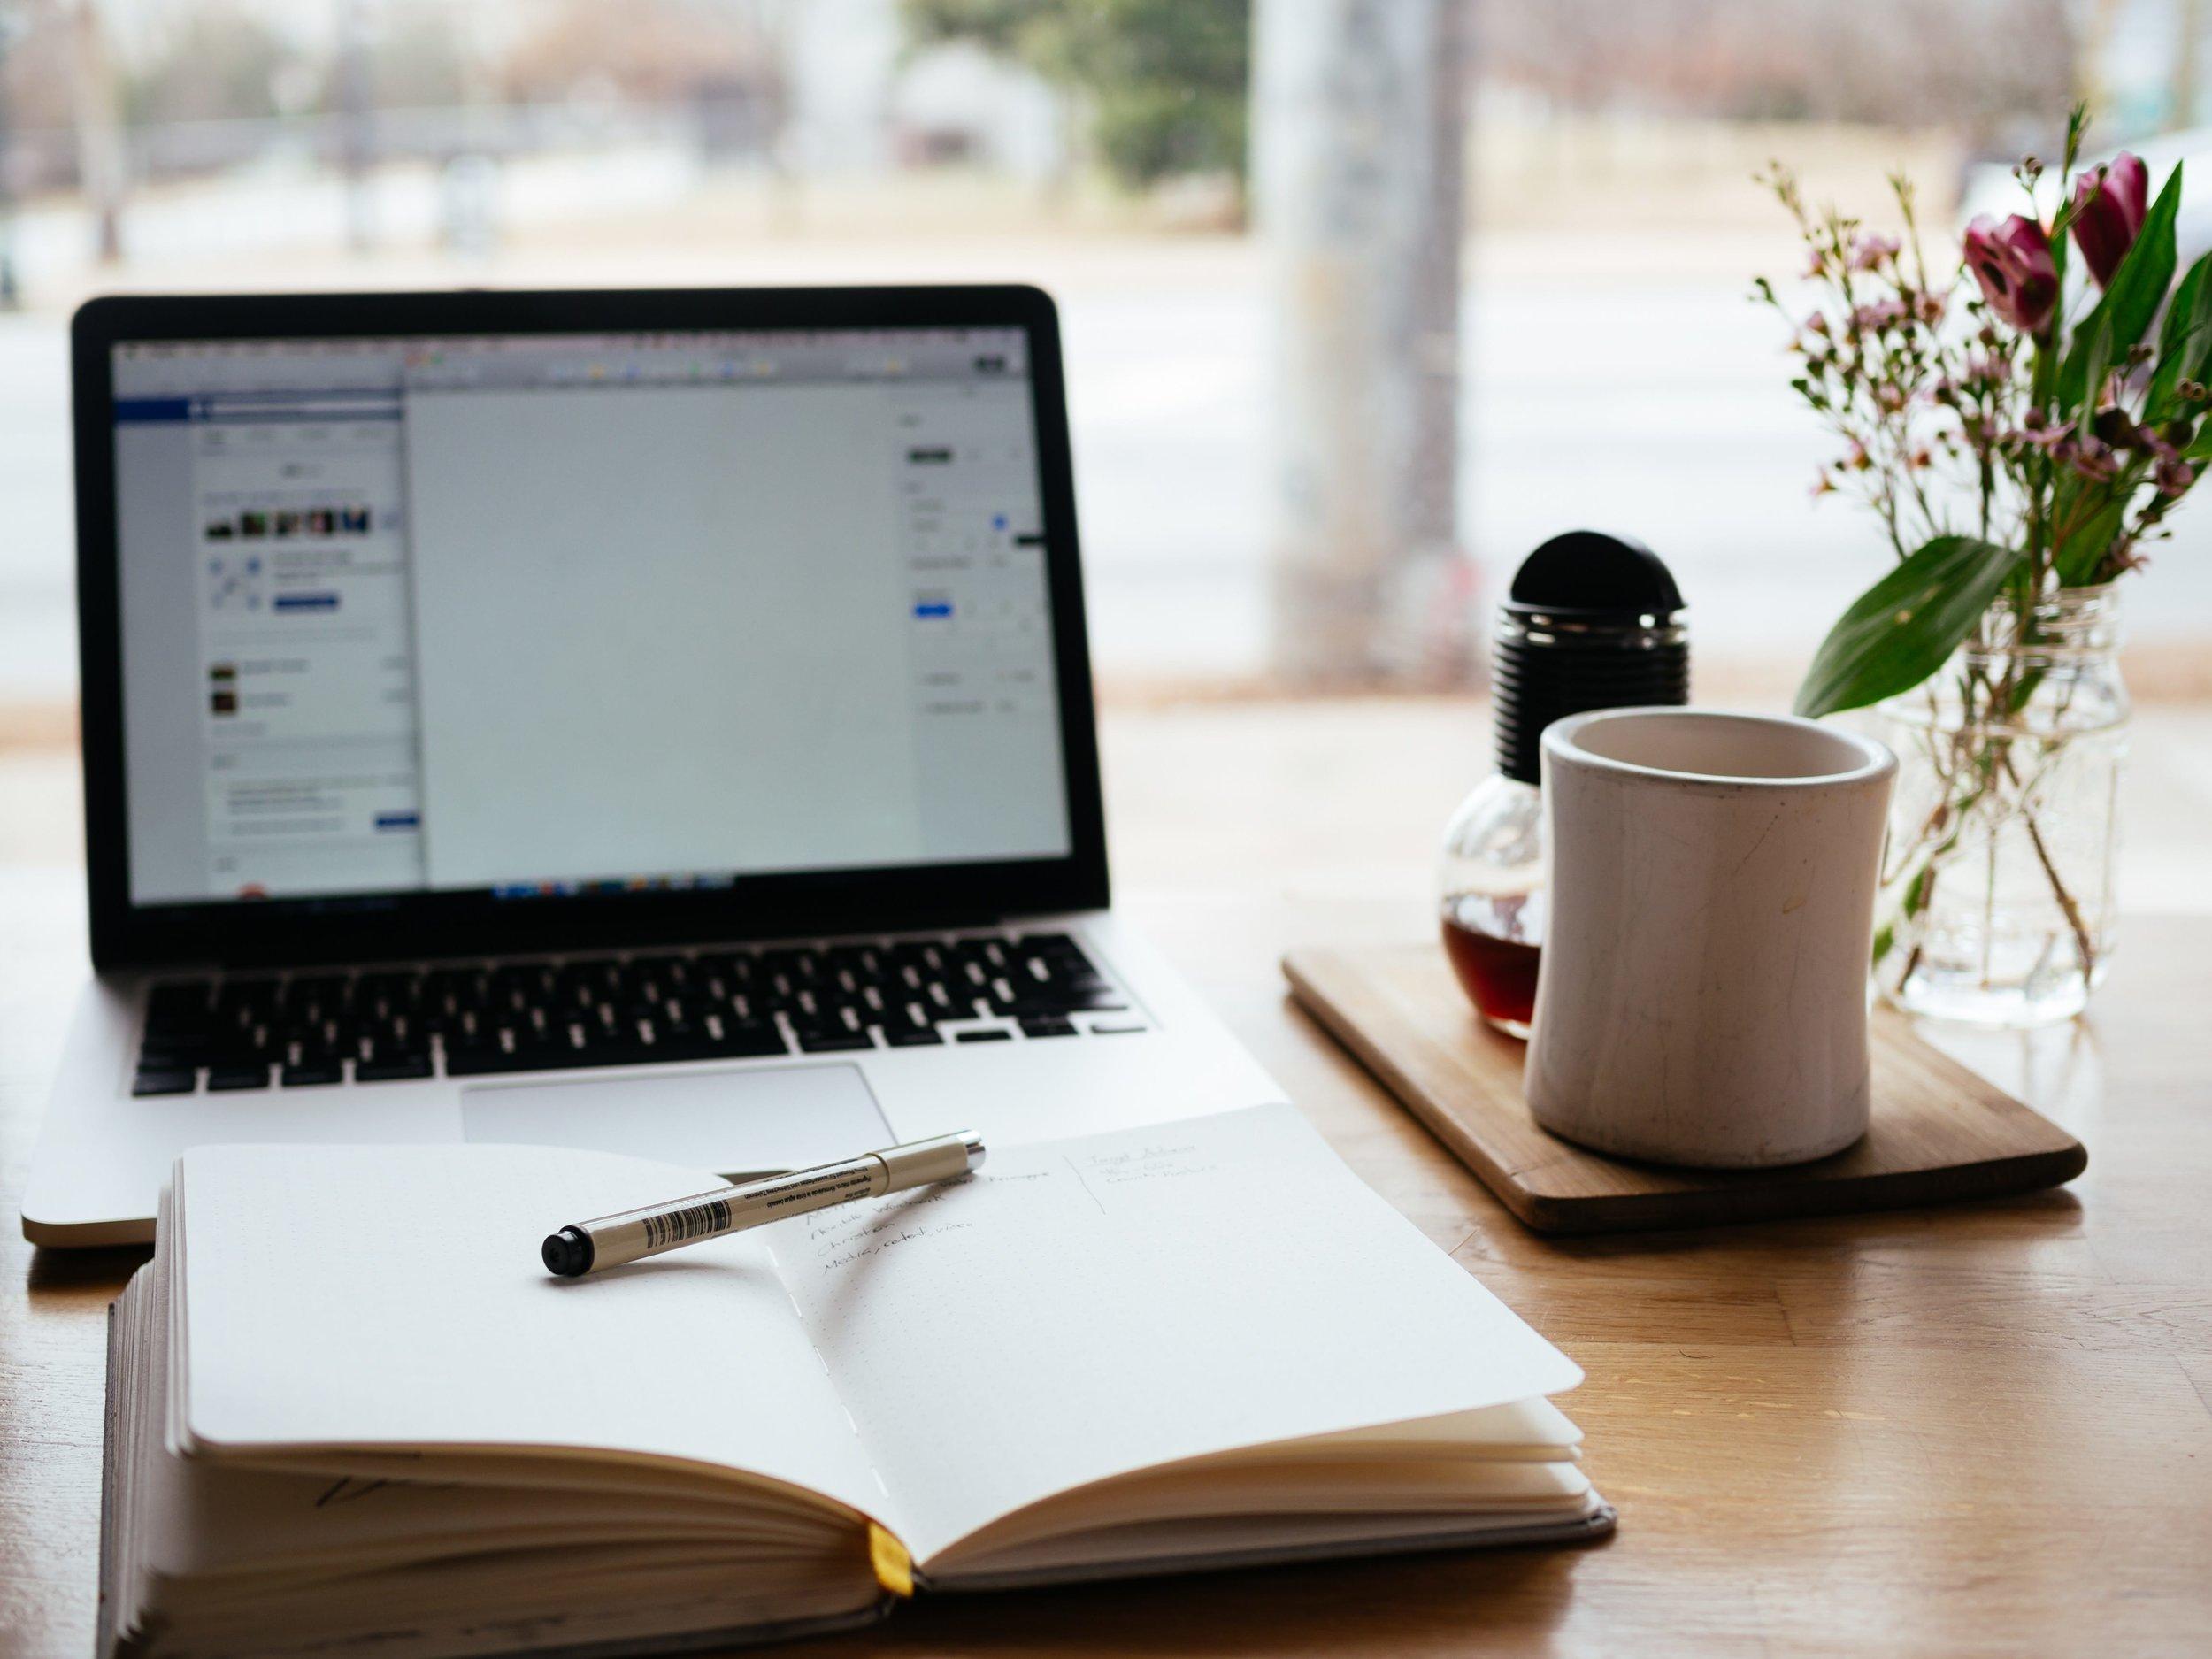 freelance-writer-digital-nomad